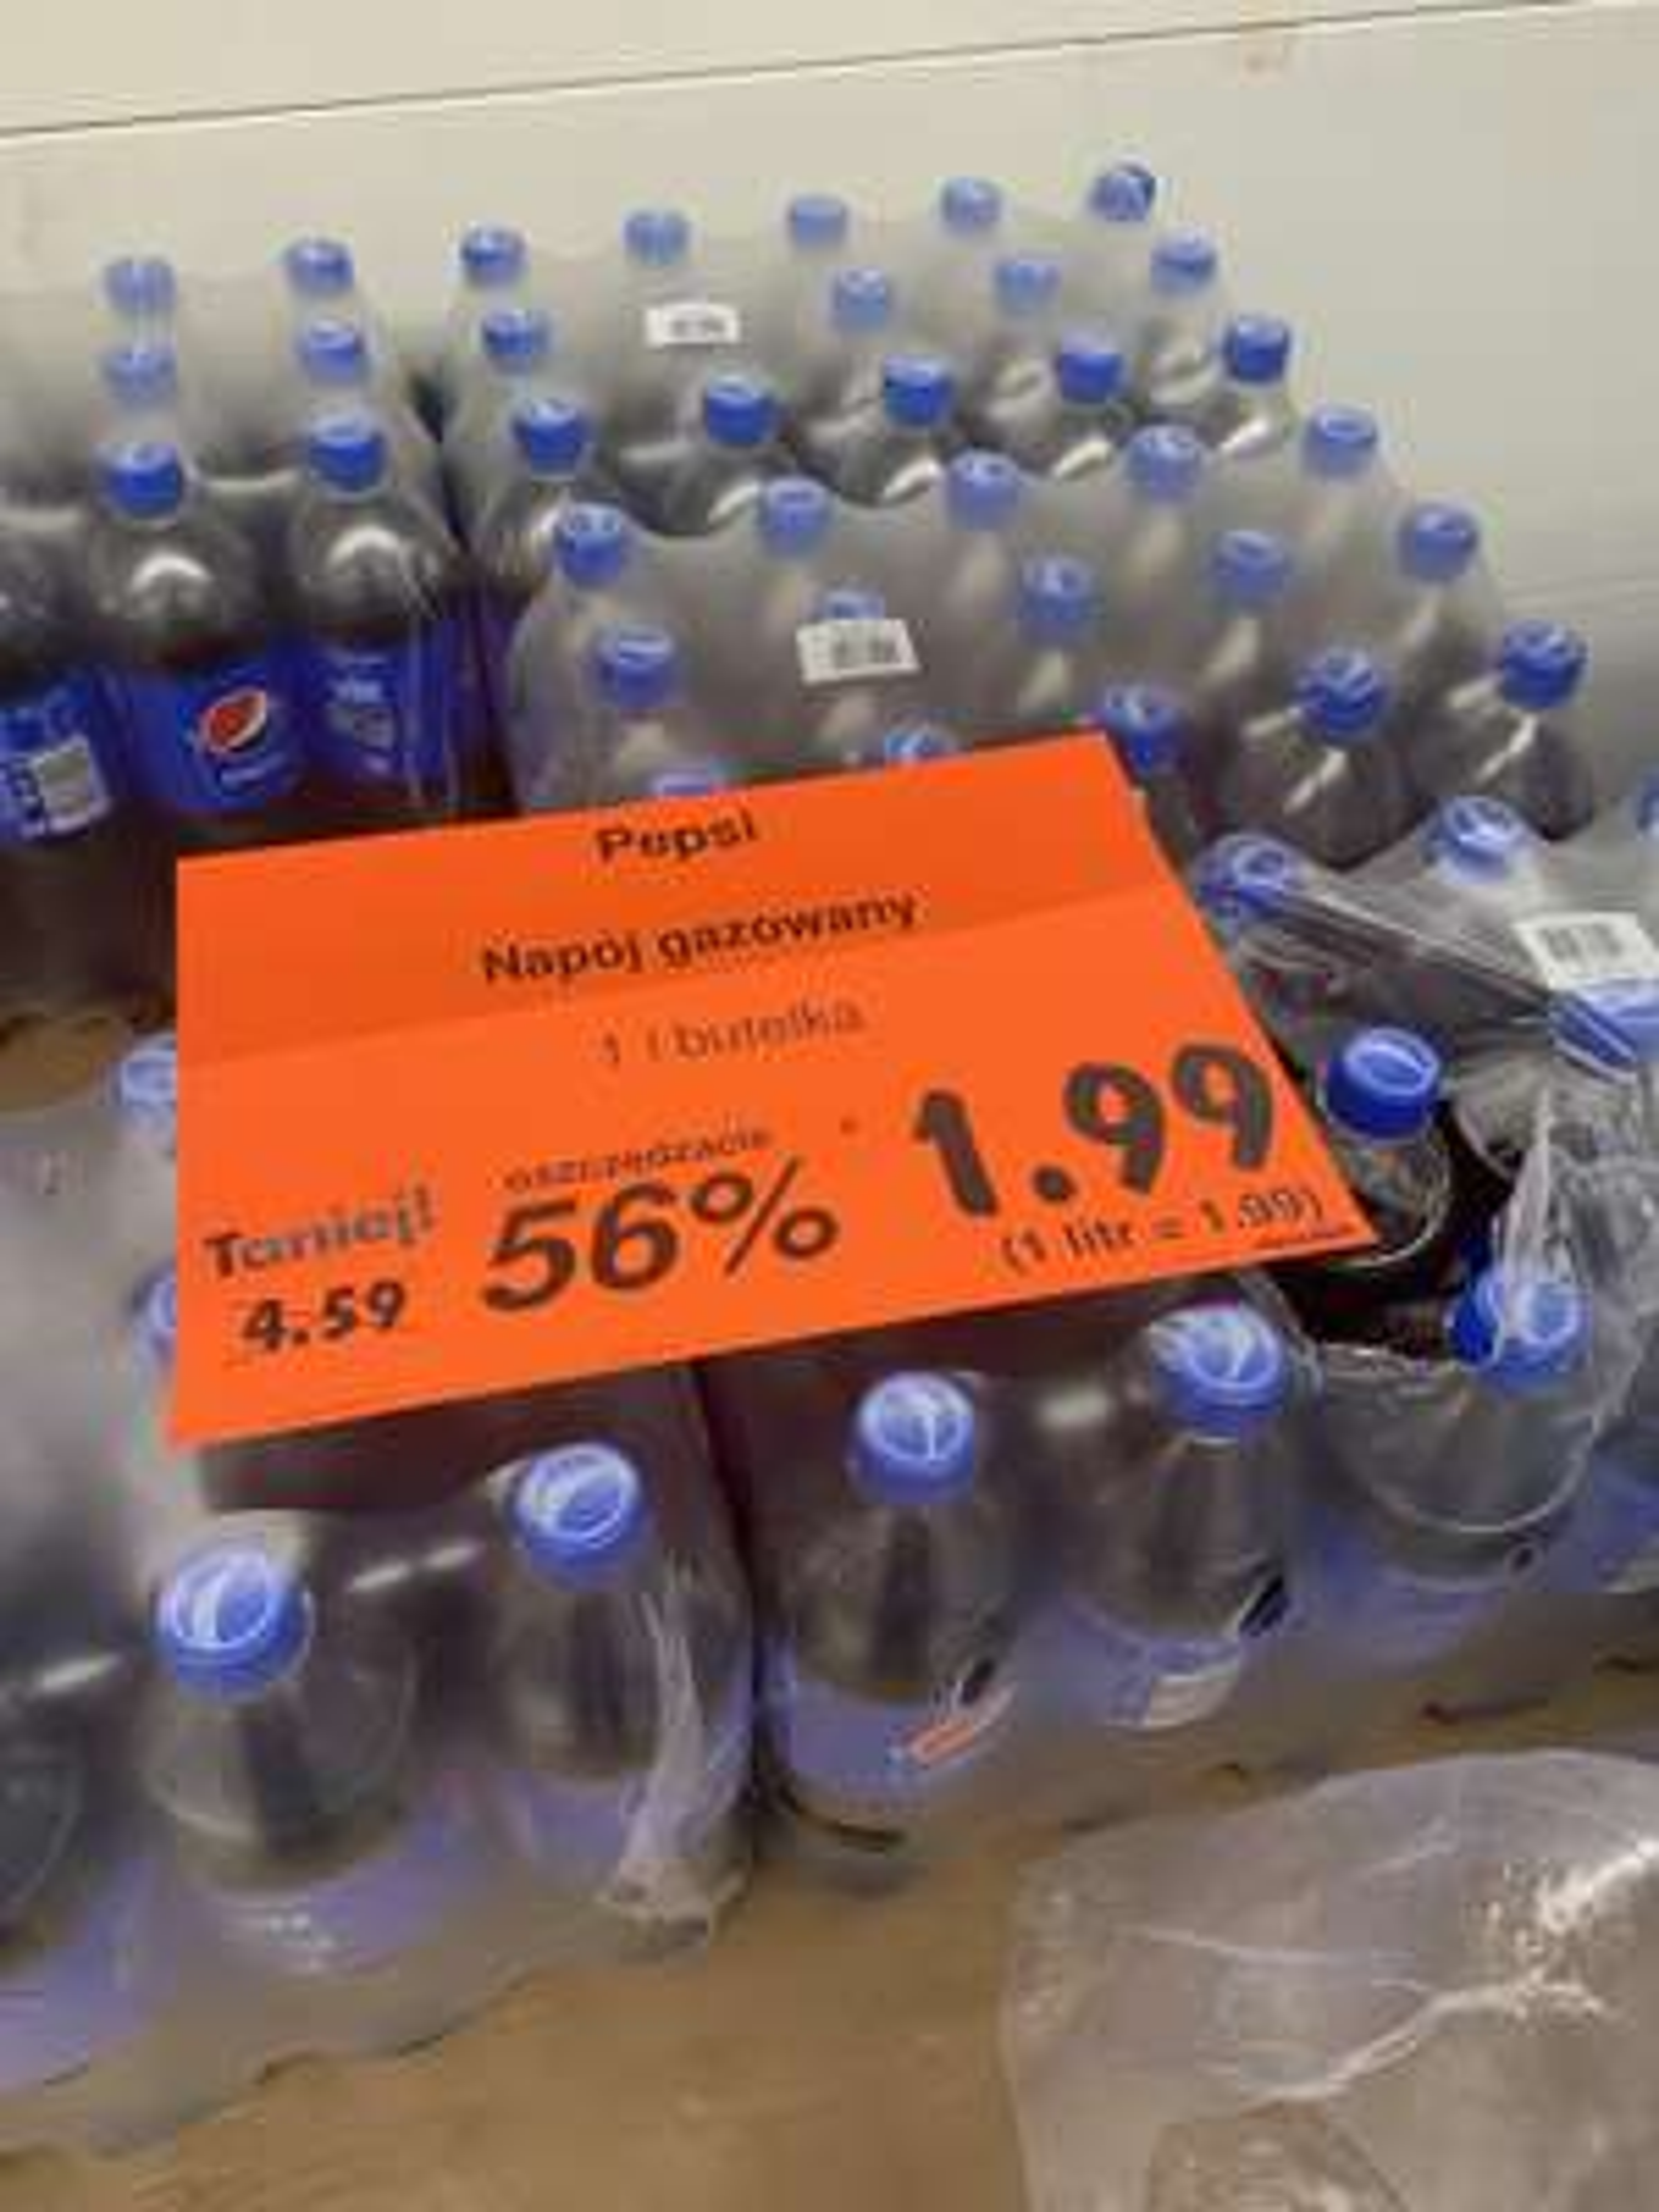 Pepsi 1 L napój gazowany Kaufland